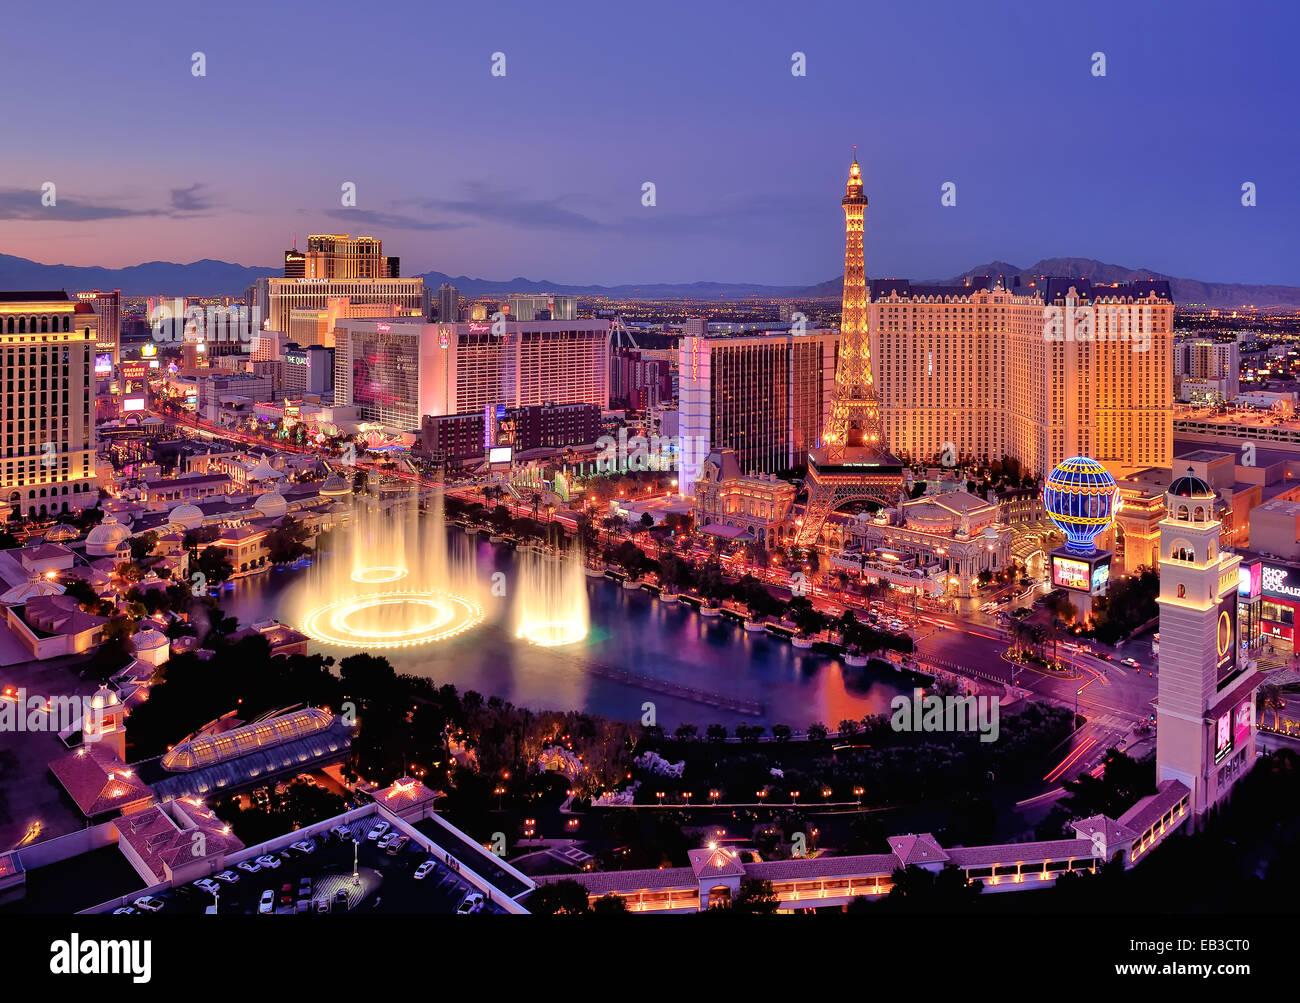 El horizonte de la ciudad en la noche con fuentes de agua Hotel Bellagio, Las Vegas, Nevada, Estados Unidos, EE.UU. Imagen De Stock